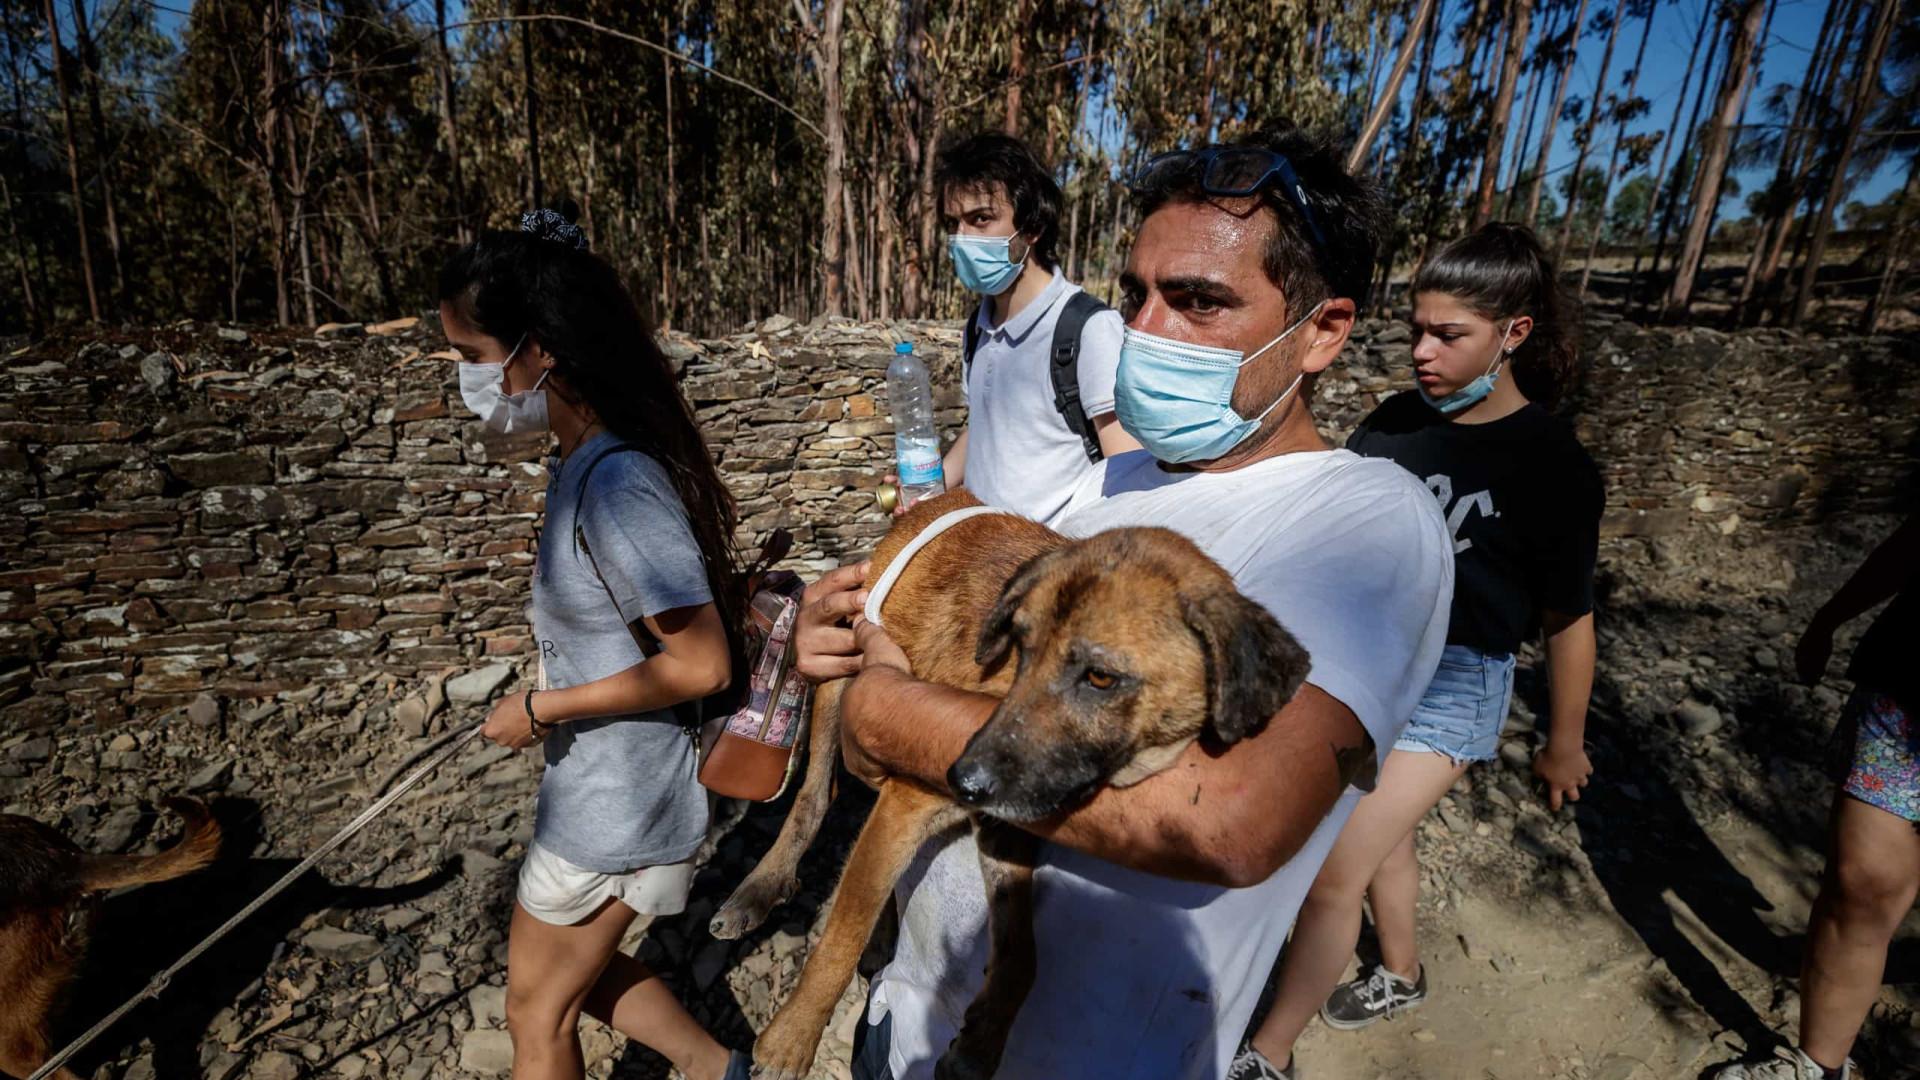 Ativistas exigiram justiça no caso dos animais mortos no incêndio de 2020